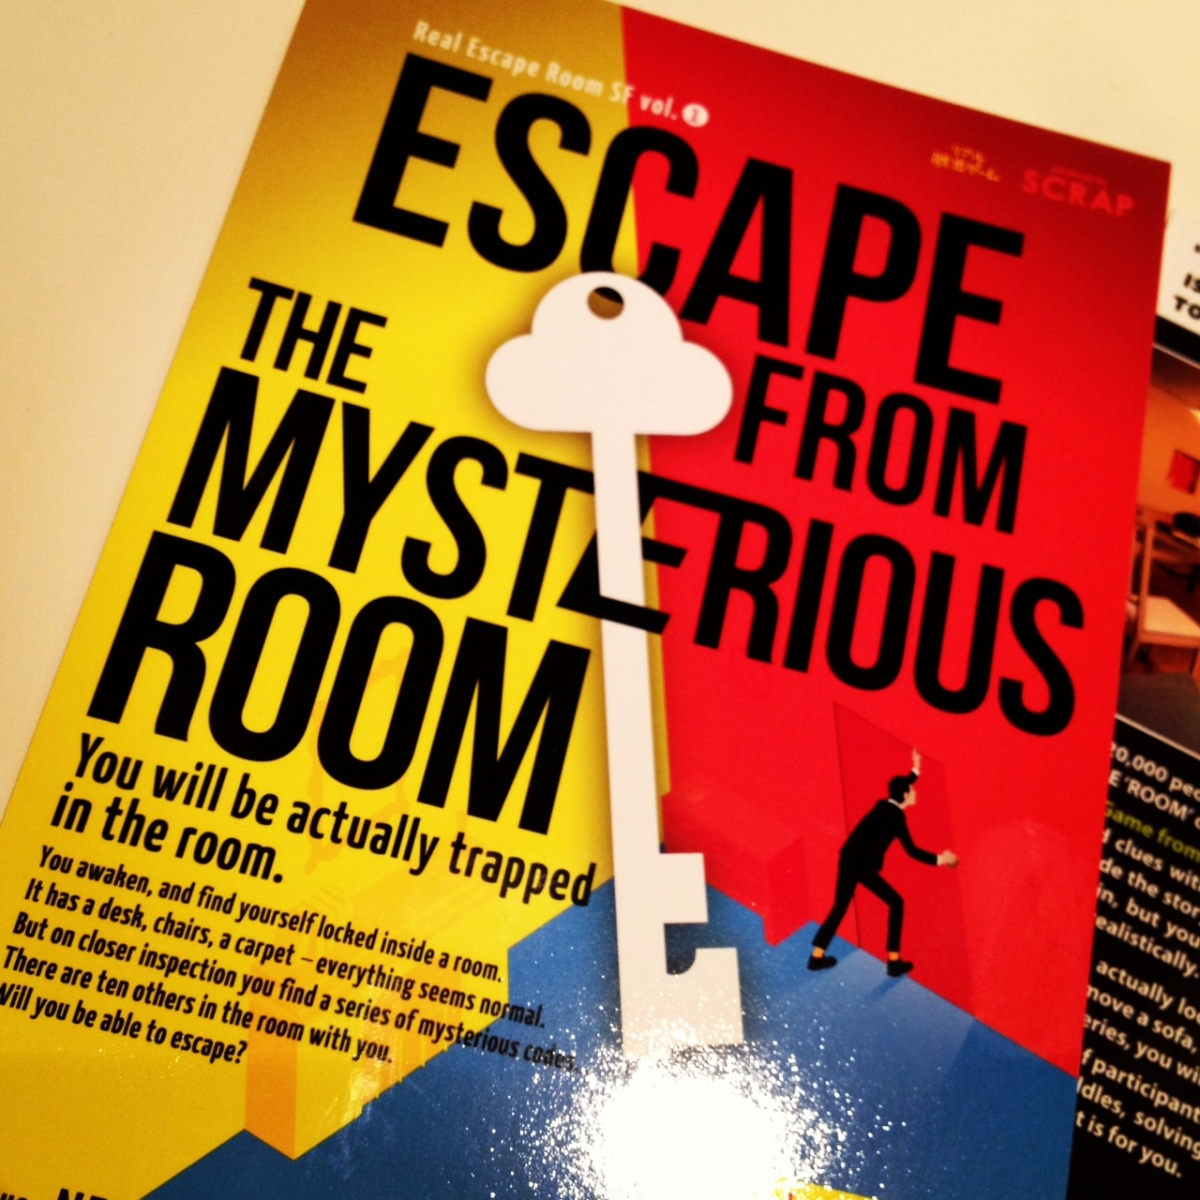 舊金山密室脫逃!Real Escape Game in SF